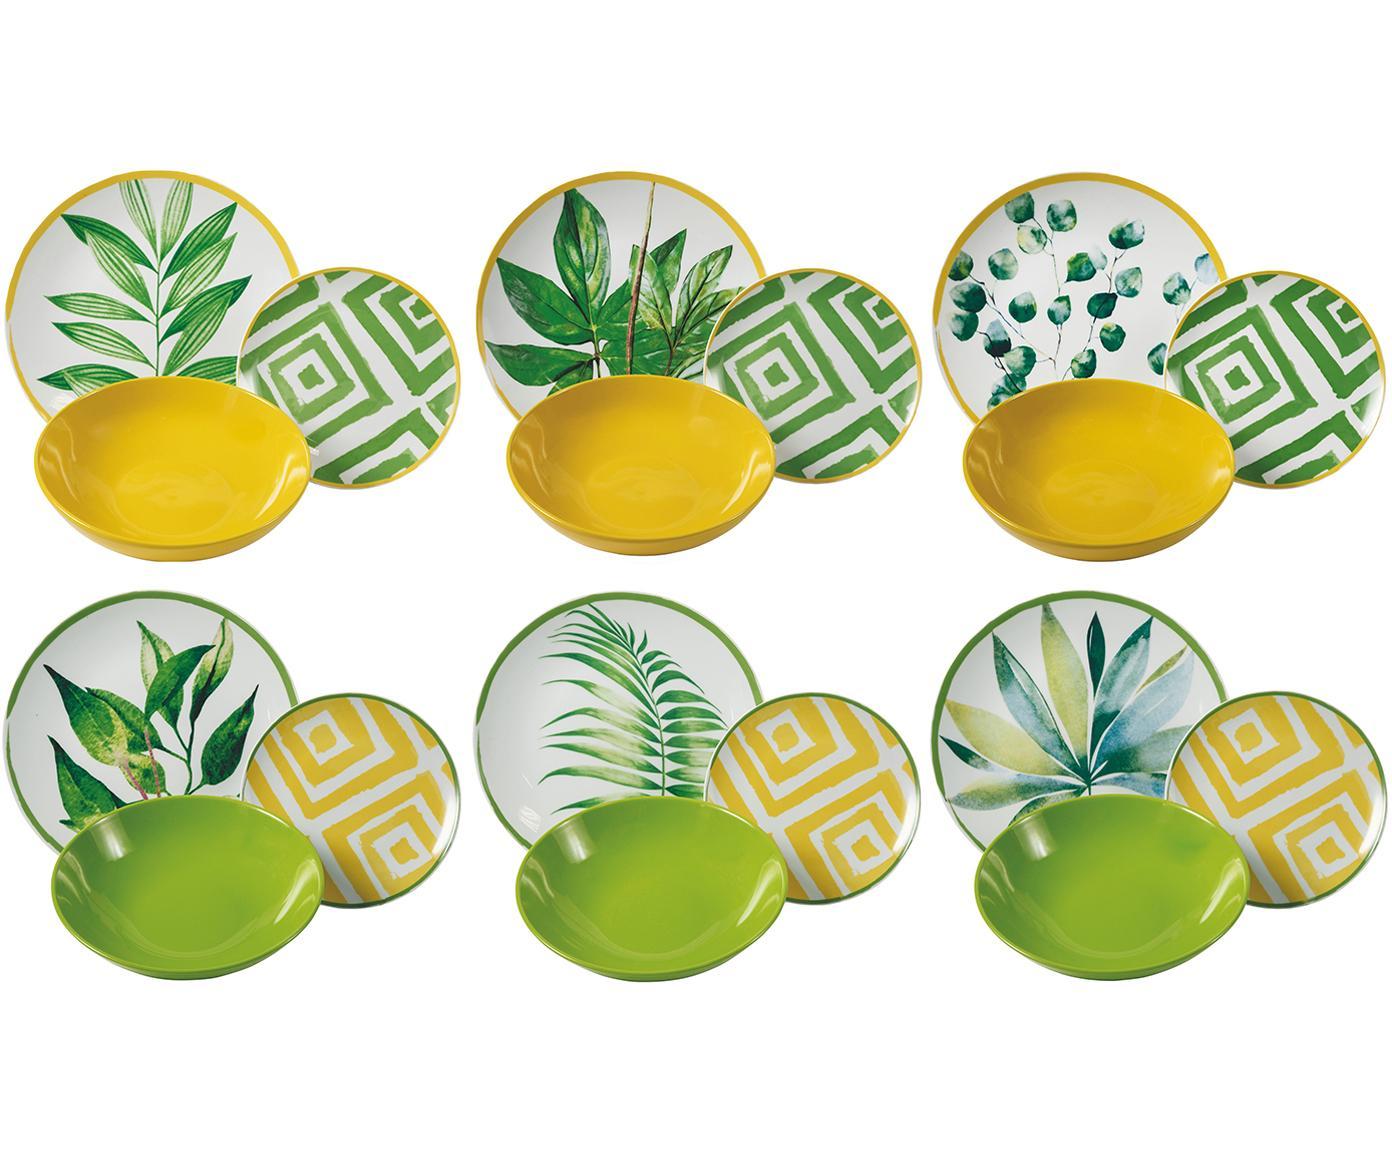 Vajilla Botanique, 6comensales (18pzas.), Porcelana, gres, Verde, blanco, amarillo, Tamaños diferentes